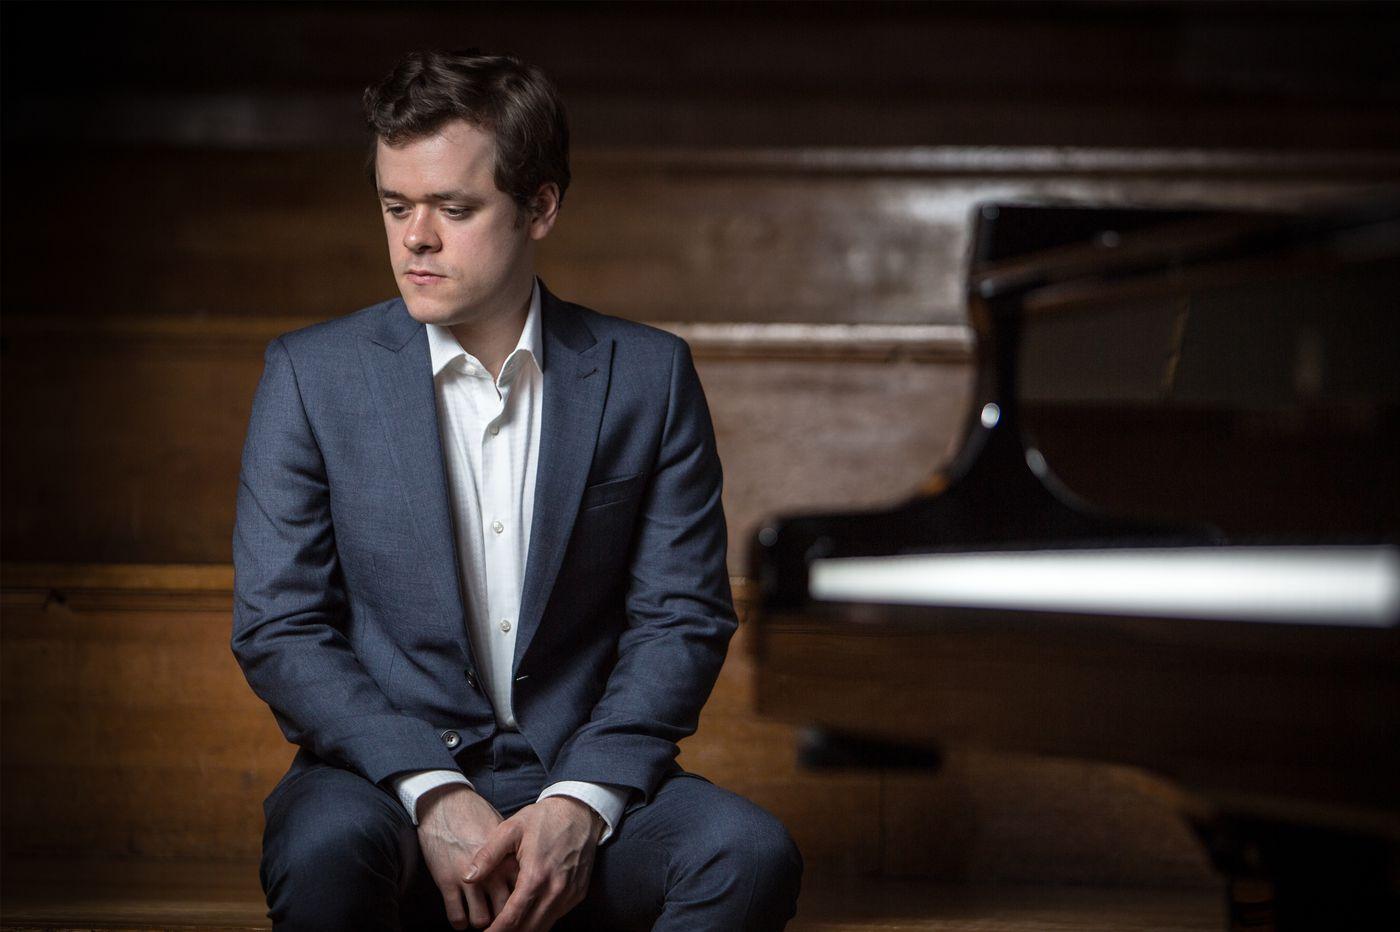 With Philadelphia Orchestra, pianist Benjamin Grosvenor returns in program led by Nathalie Stutzmann